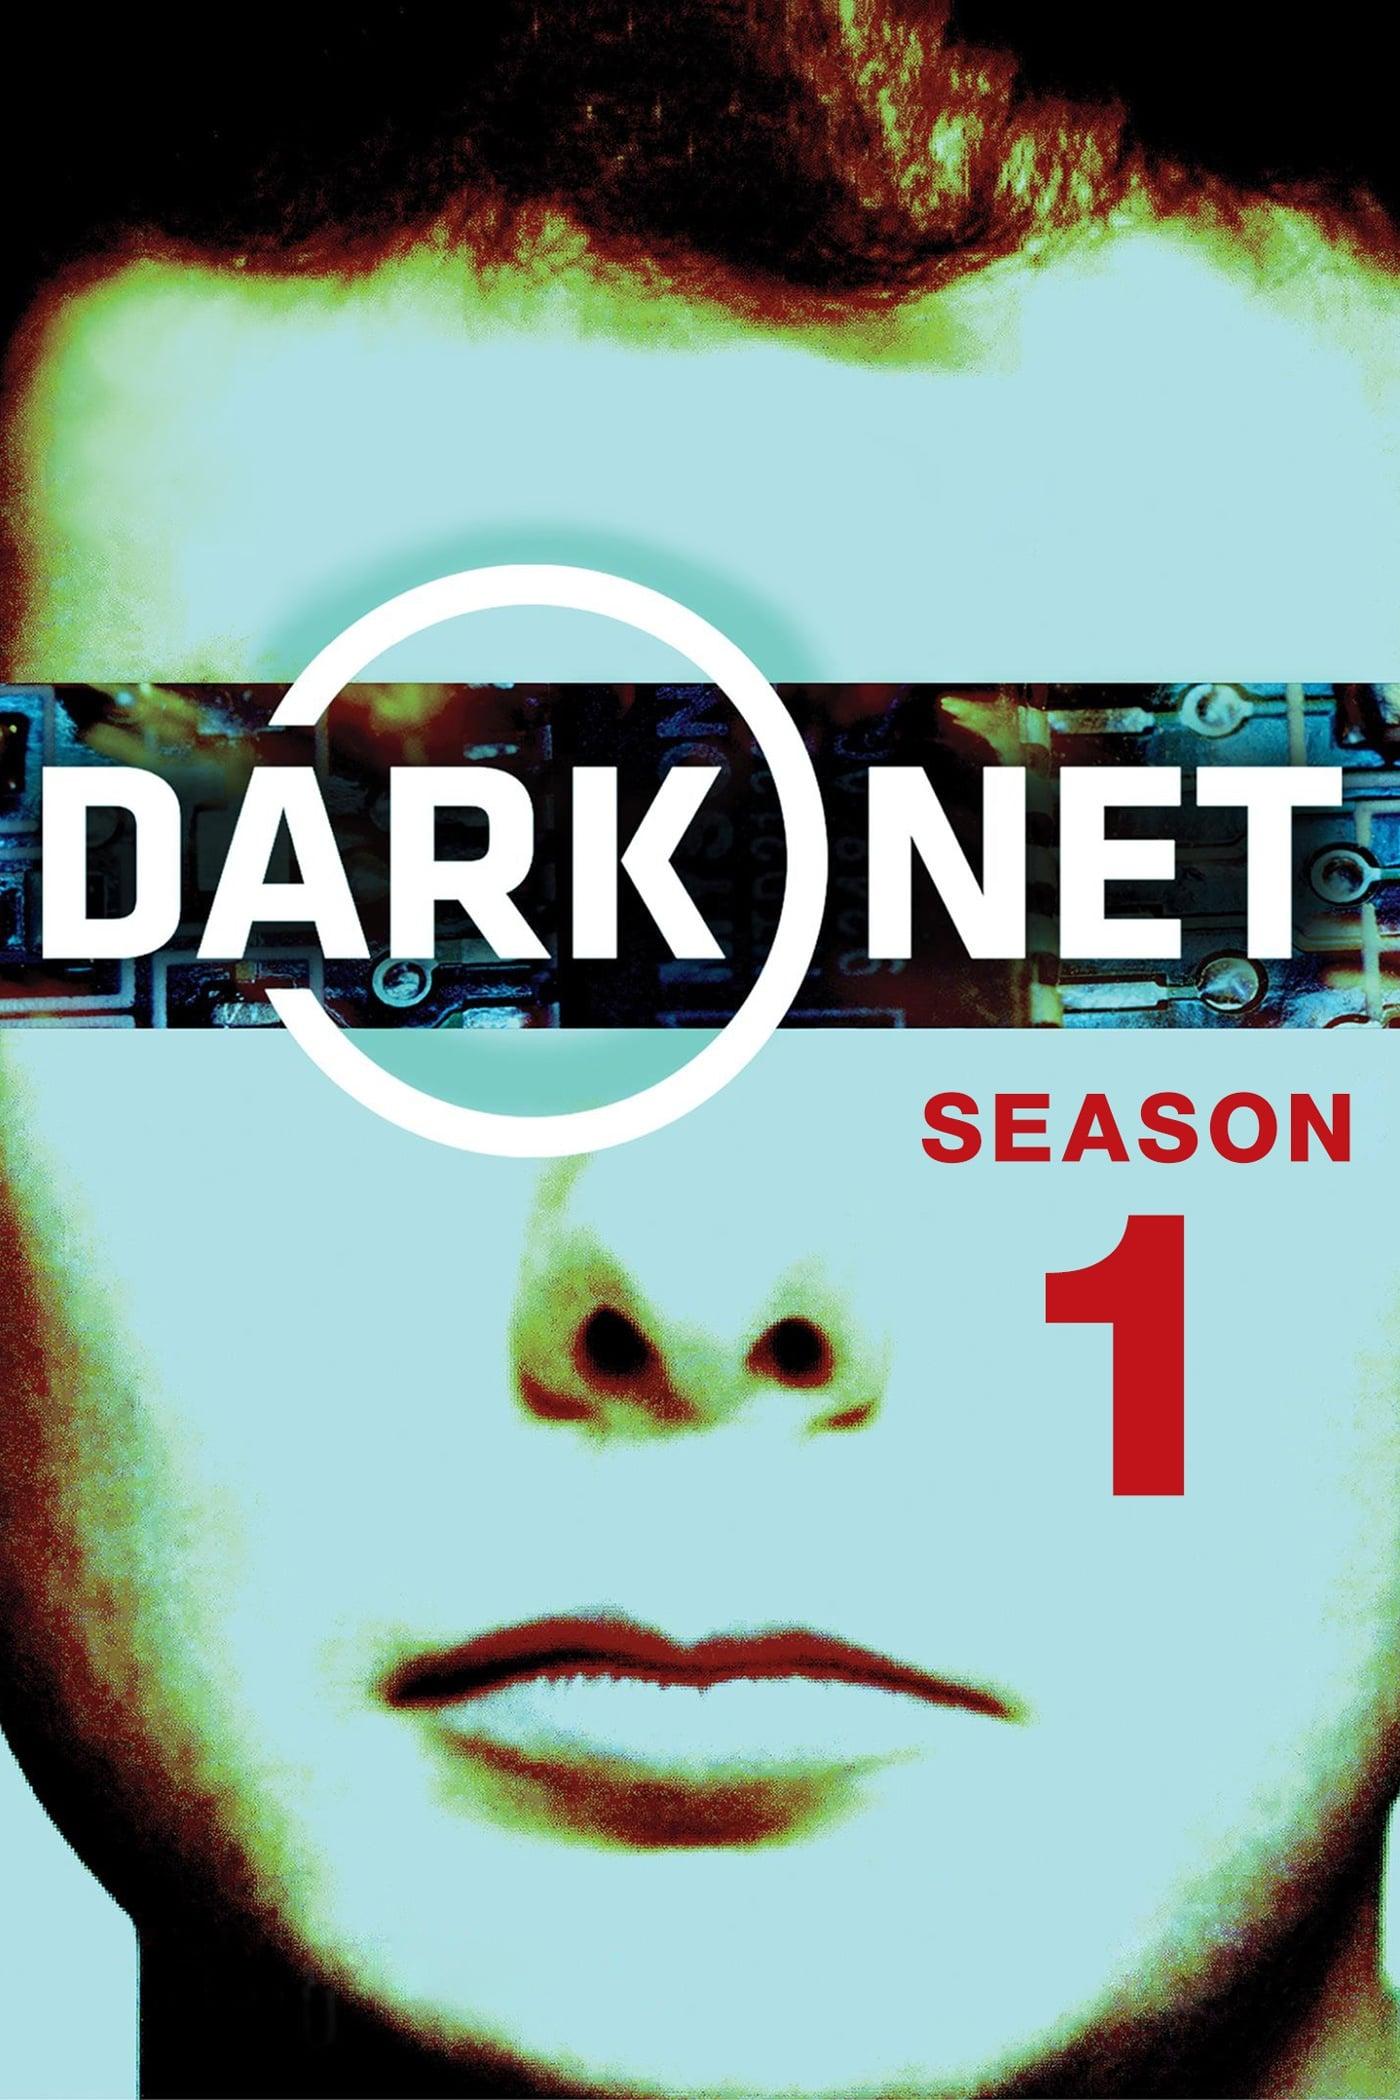 Image dystopia-50890-episode-7-season-1.jpg